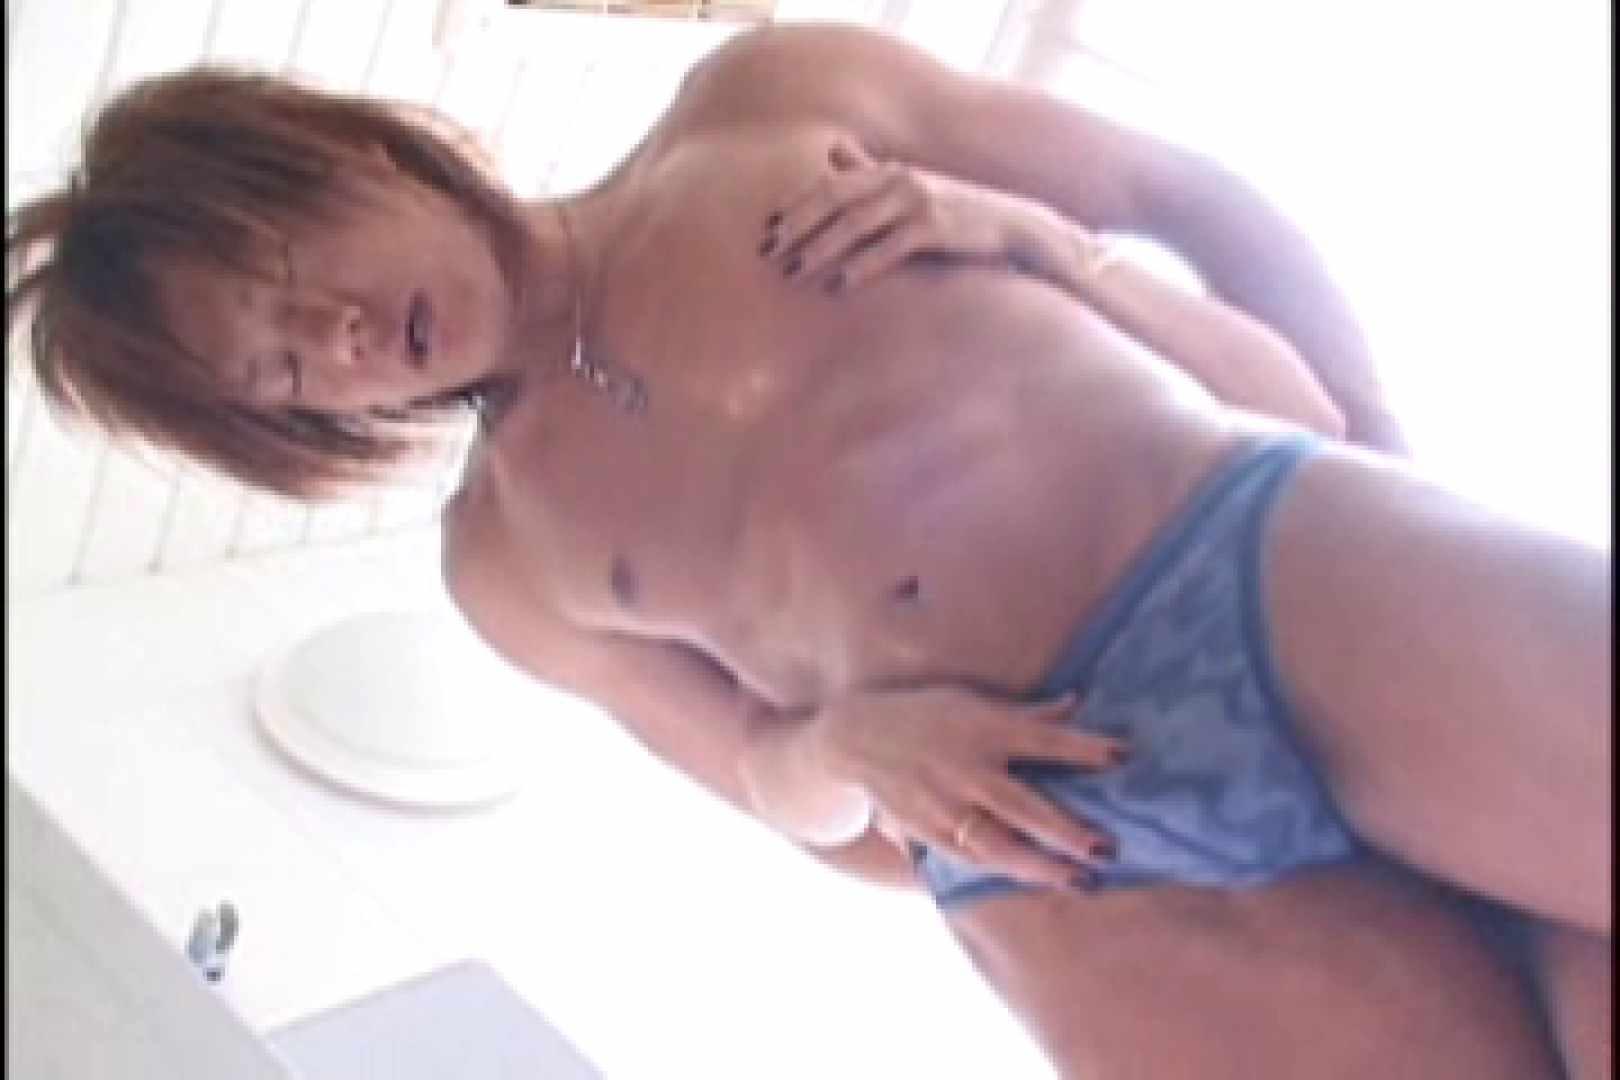 BEST OF イケメン!!男目線のガチSEX vol.01(対女性作品) 対女性 ゲイモロ画像 72pic 38